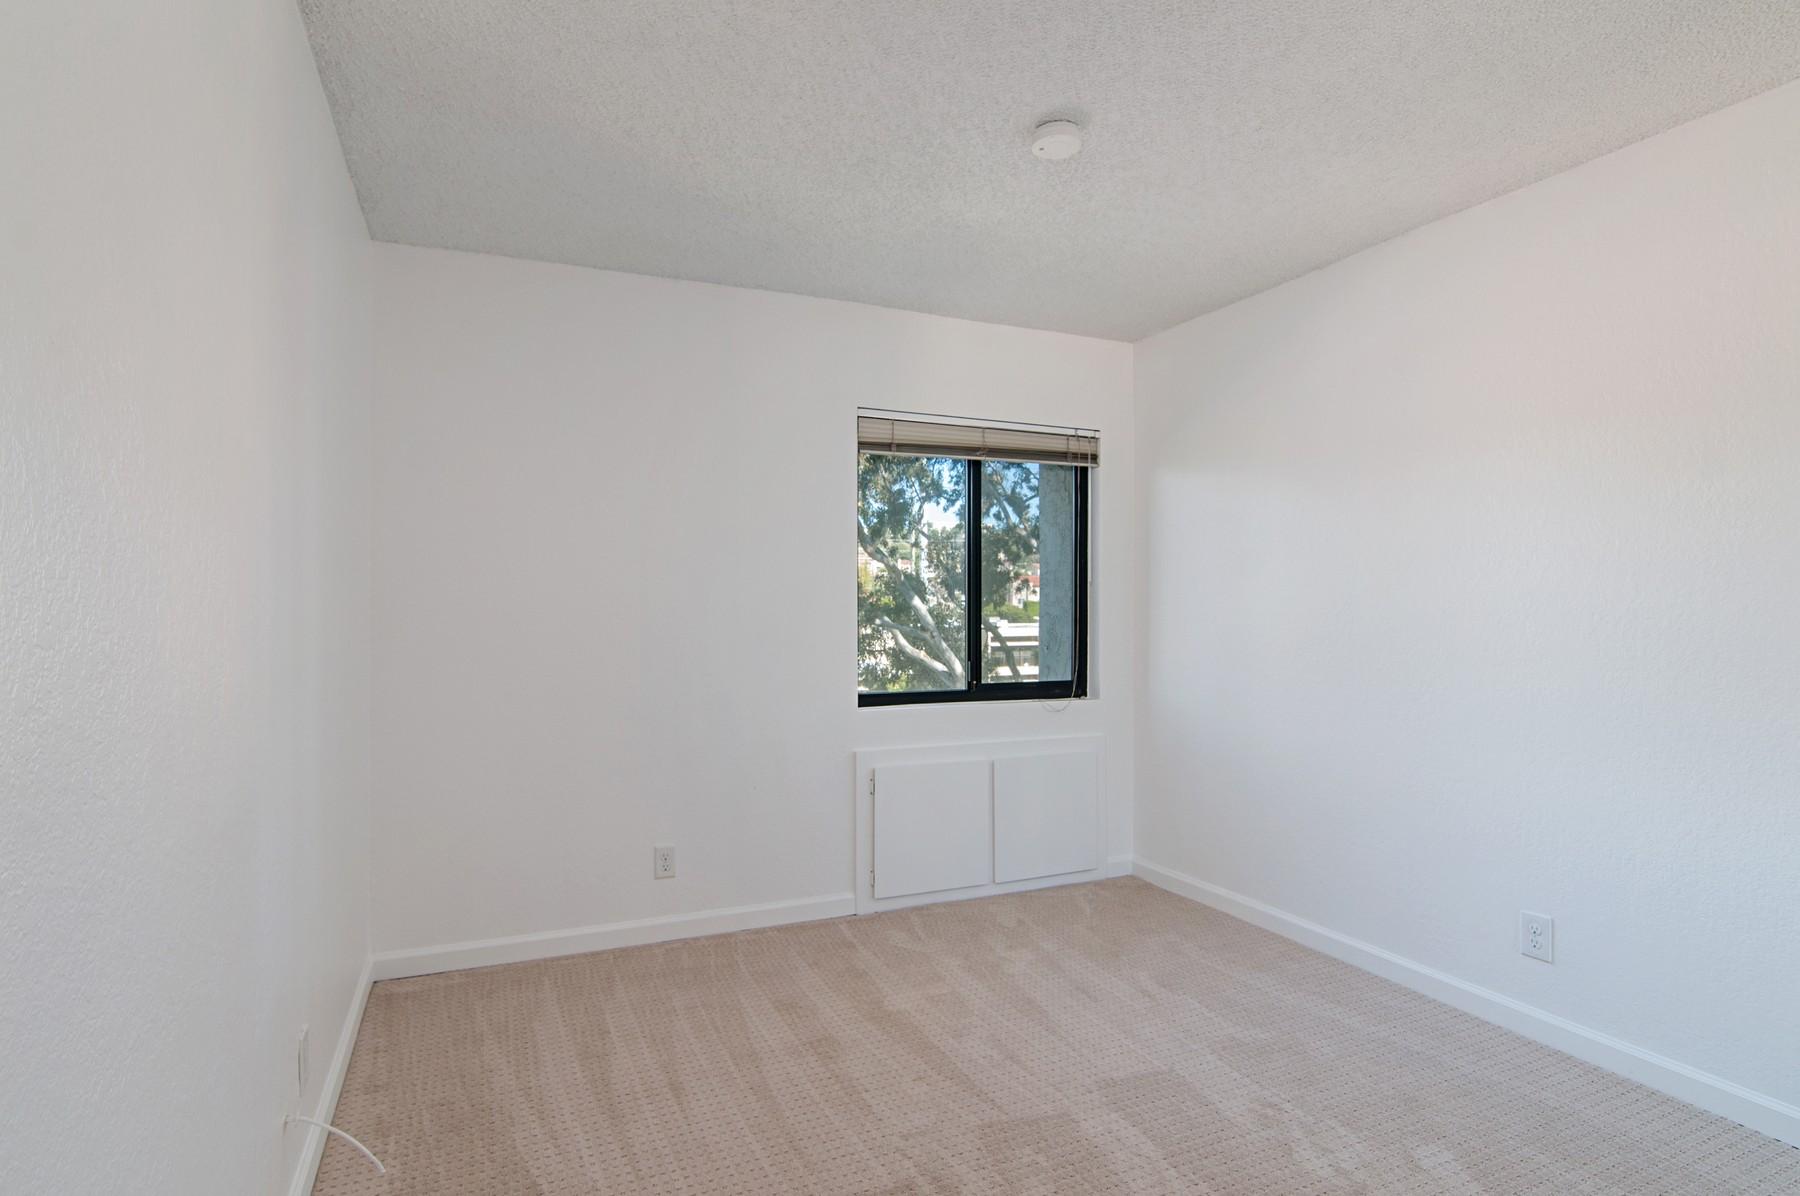 共管式独立产权公寓 为 销售 在 5605 Friars Road #302 5605 Friars Road 302 Old Town, 圣地亚哥, 加利福尼亚州, 92110 美国